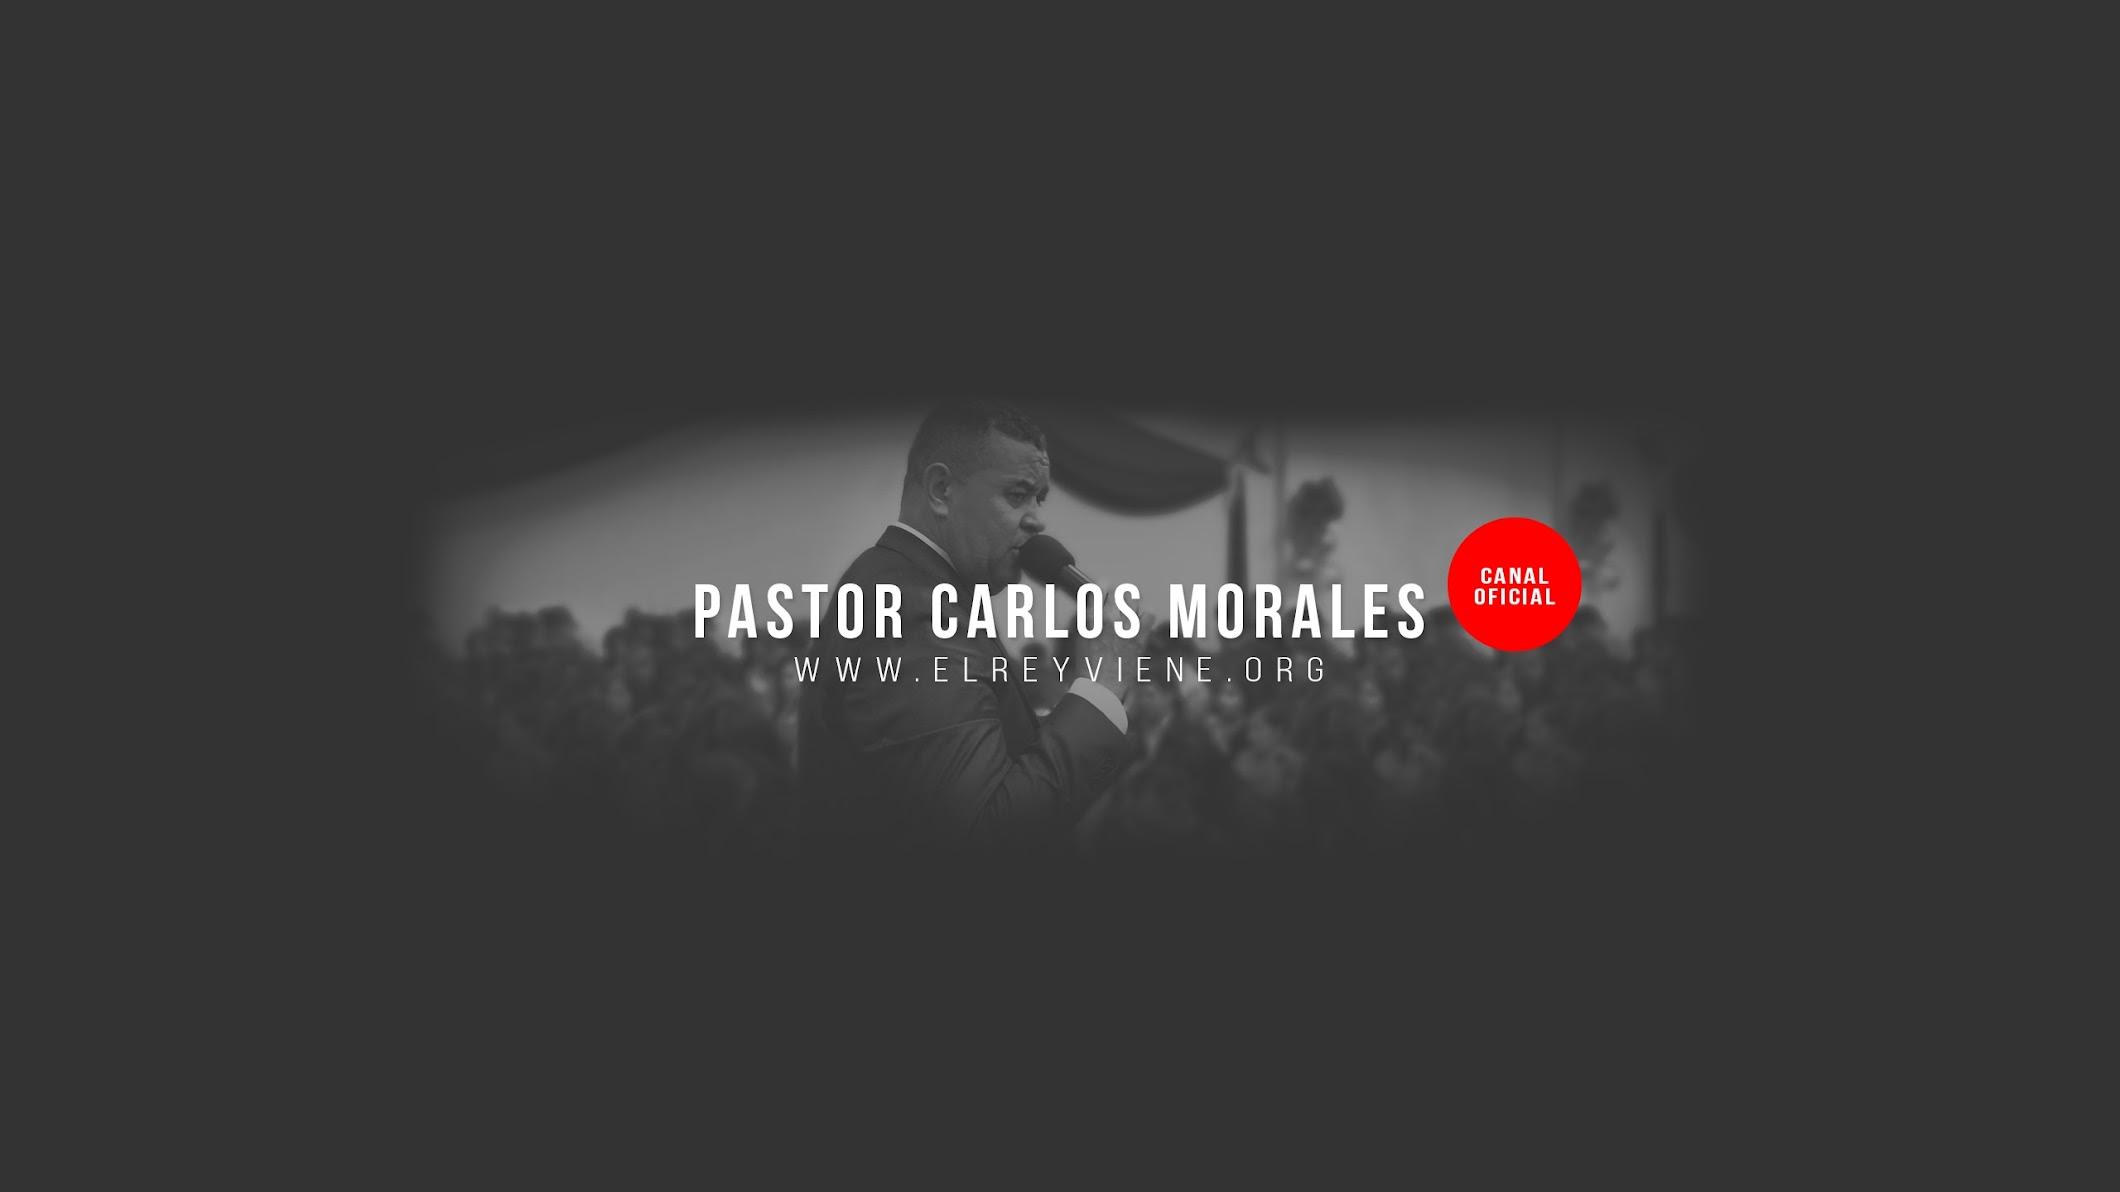 Pastor Carlos Morales